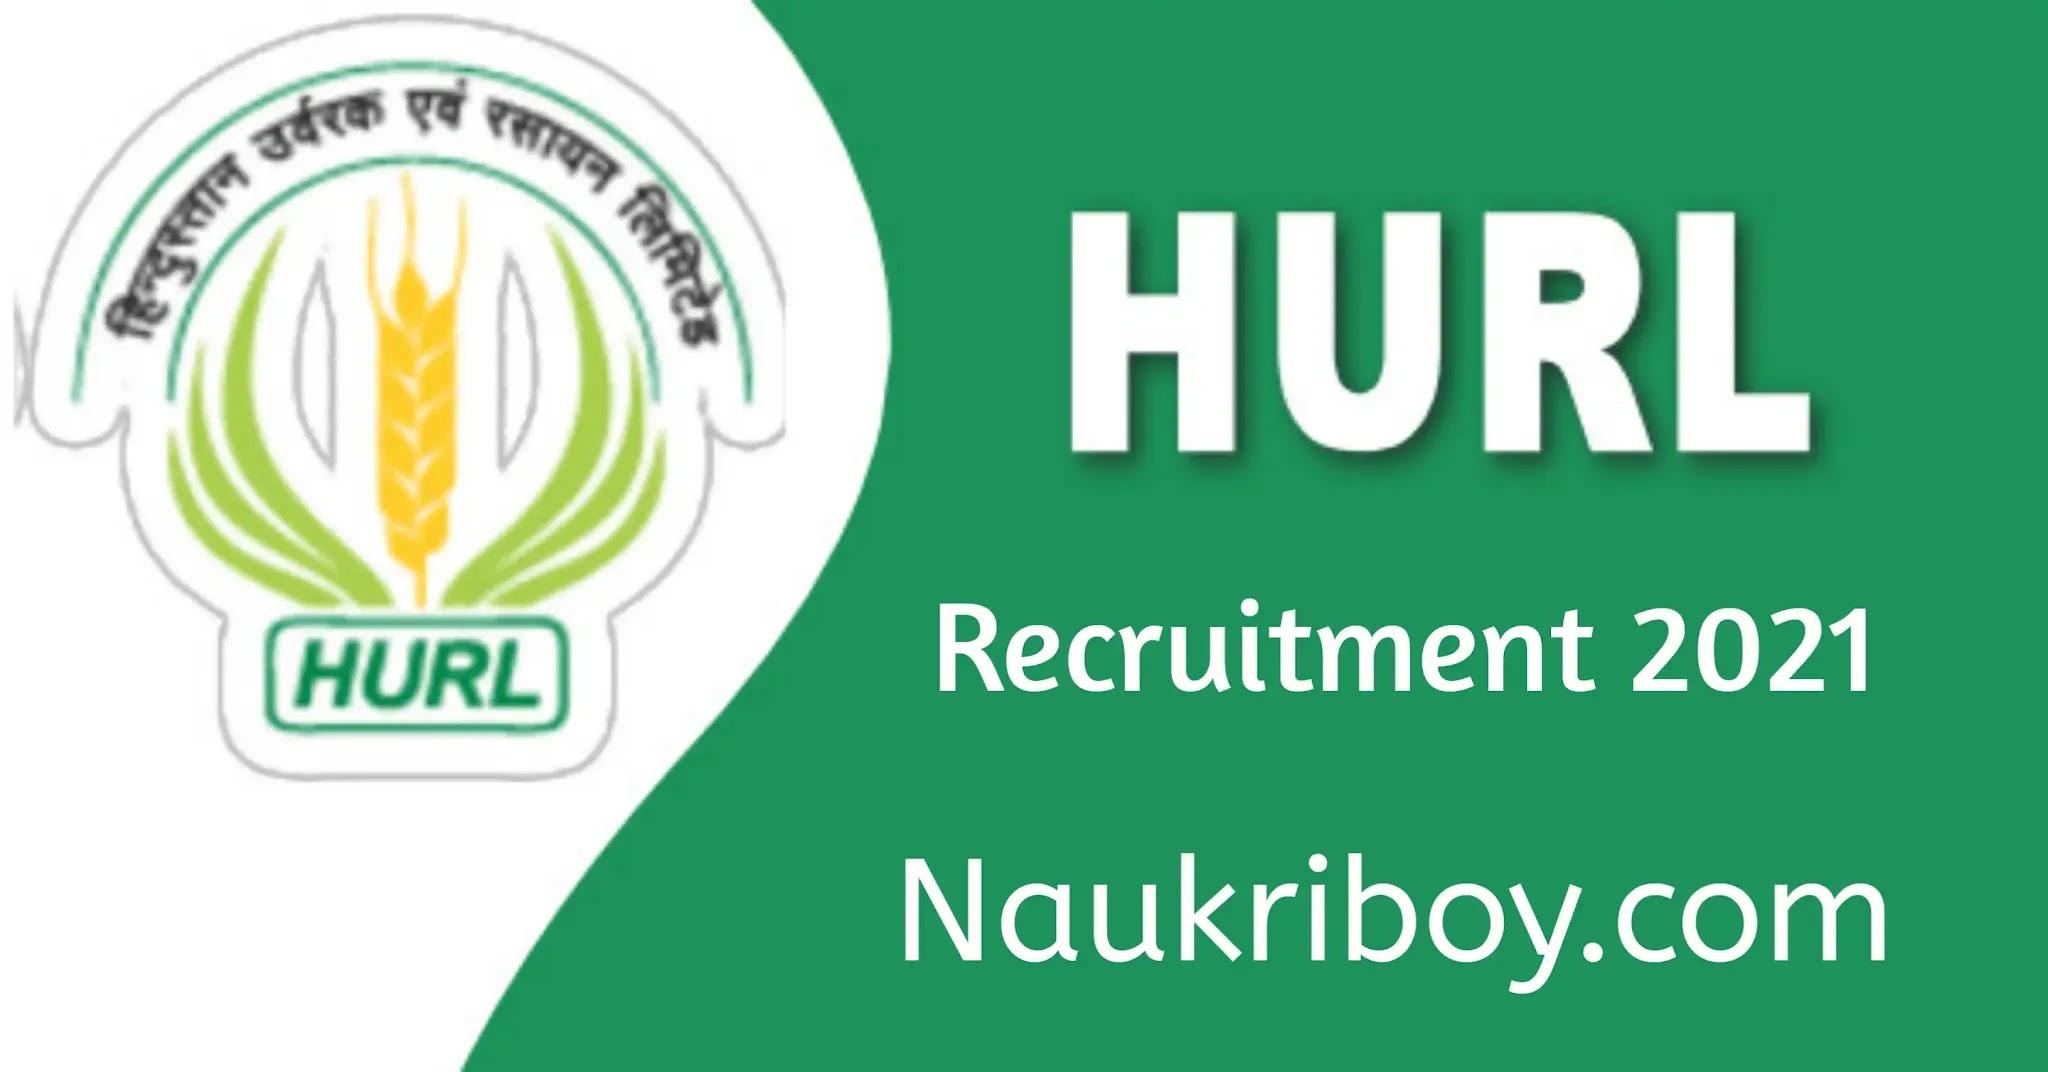 hurl jobs, hurl recruitment 2021, naukriboy.com, hurl letest recruitment, hurl jobs